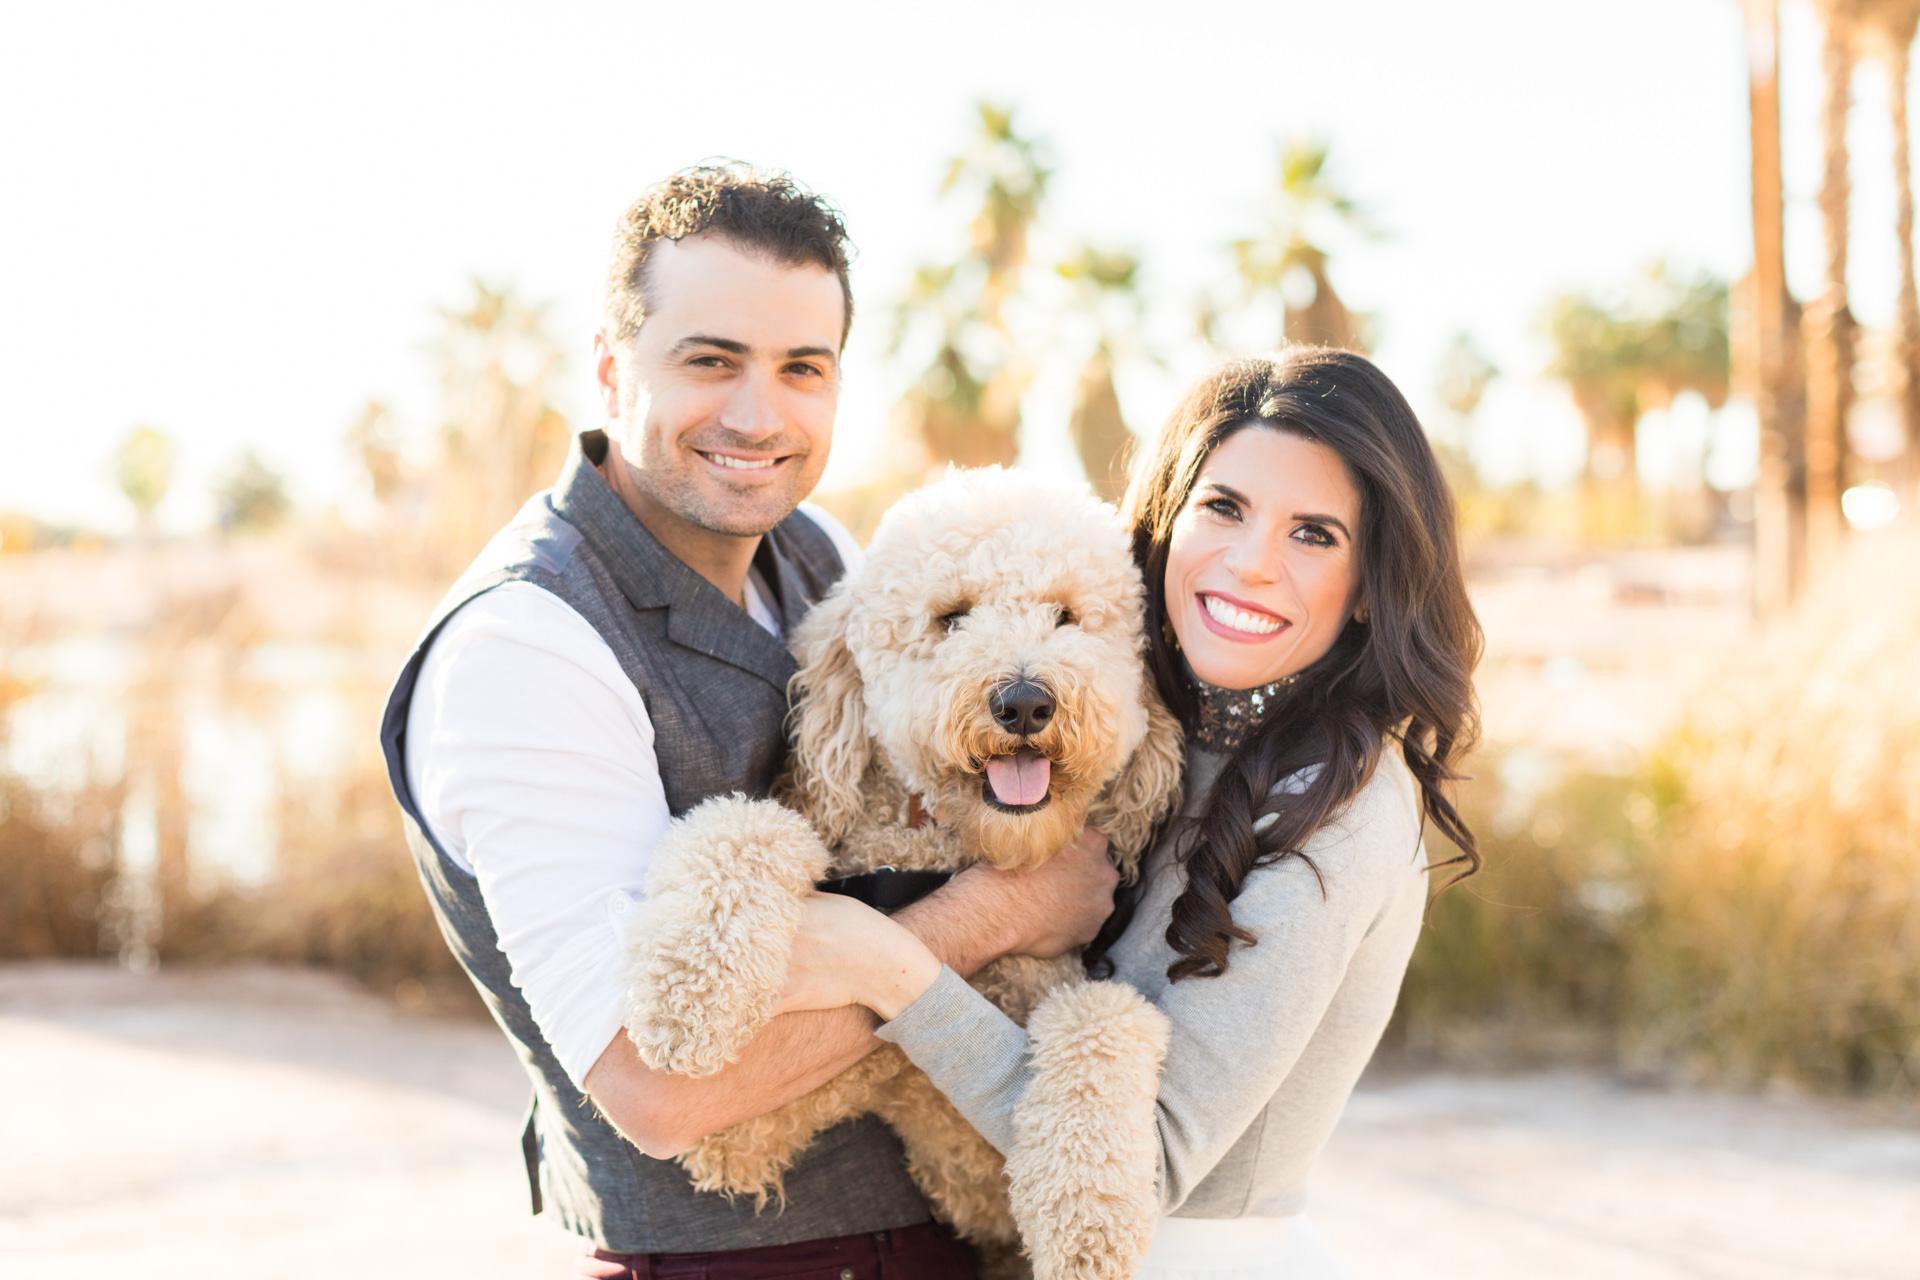 Engaged couple holding a labradoodle dog